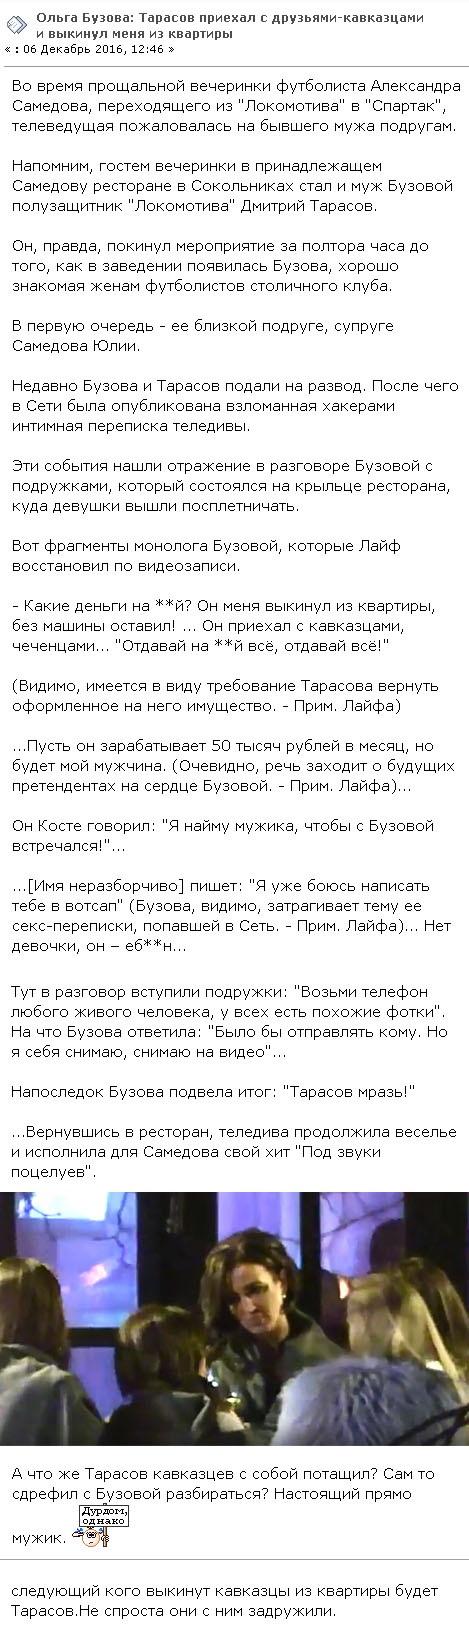 Ольга Бузова рассказала как Дмитрий Тарасов выгнал её из квартиры